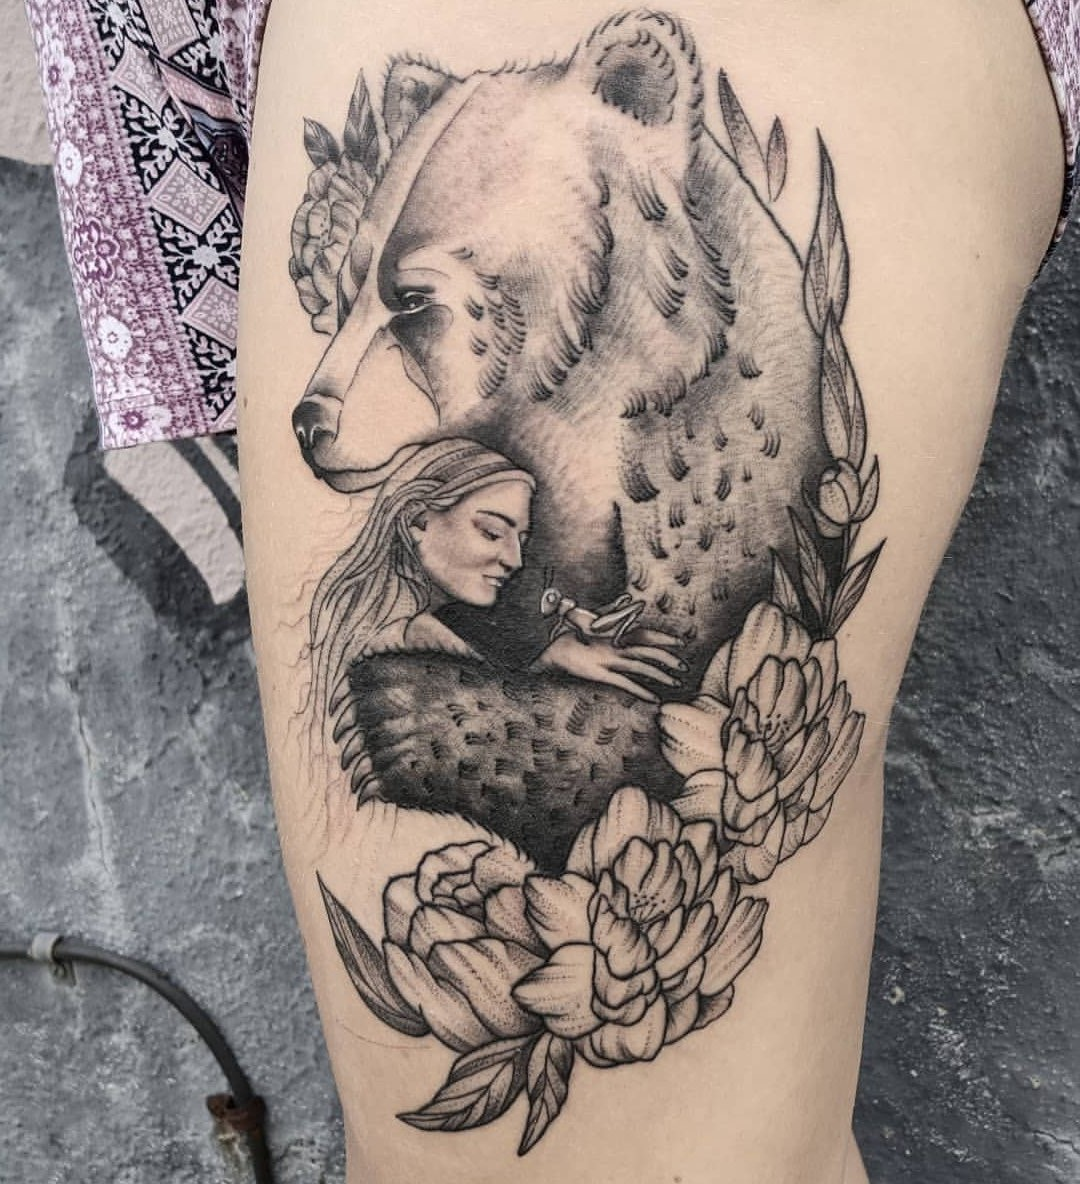 Pour l'ancien esprit celtique, l'ours est associé à la lune et porte donc un thème féminin.